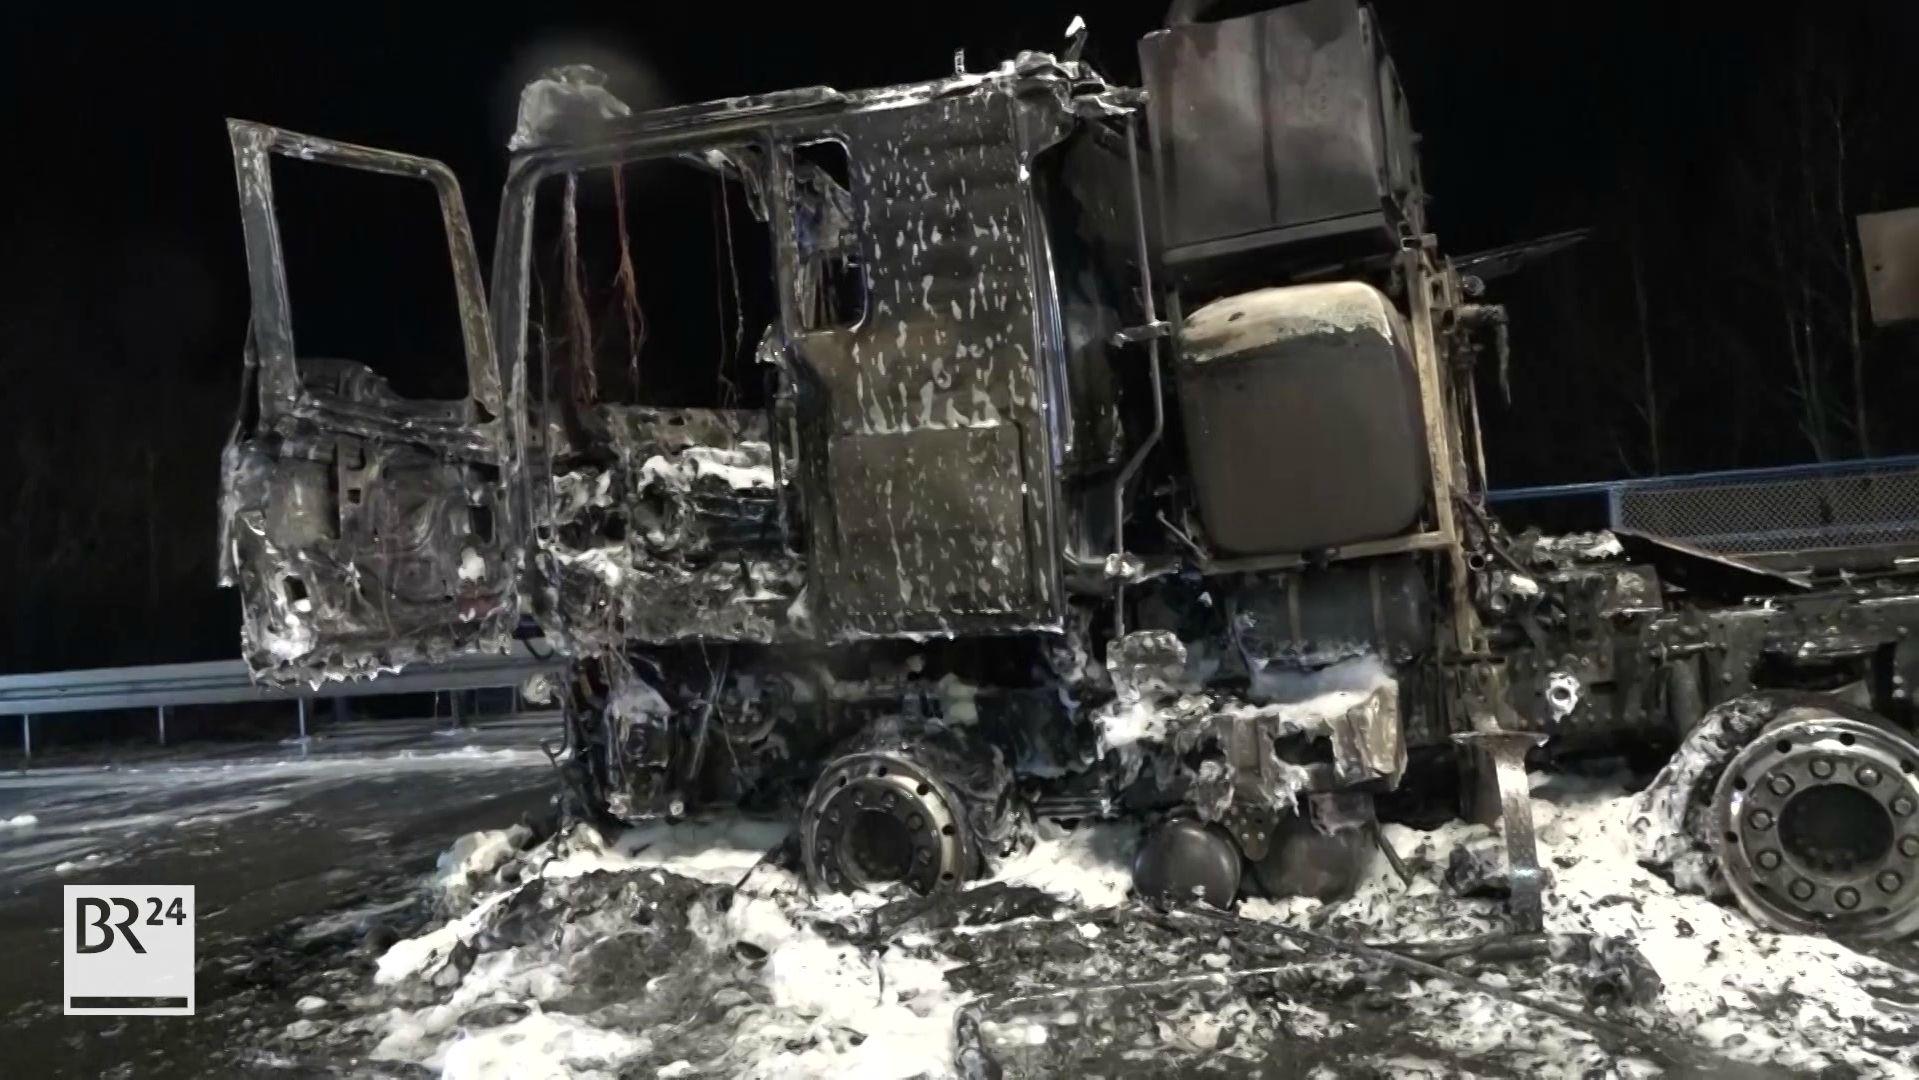 Das Führerhaus des Schwertransporters ist komplett ausgebrannt.